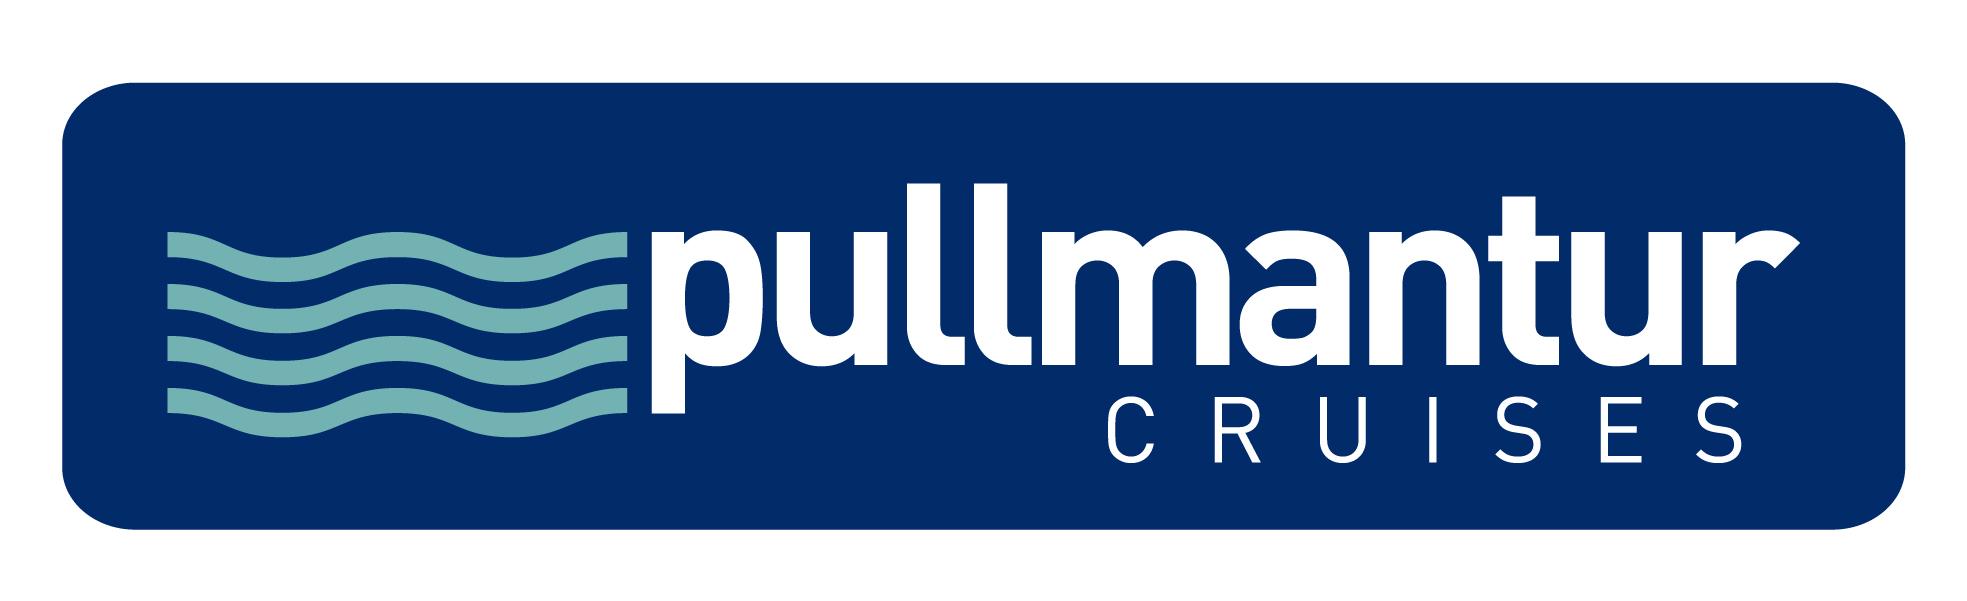 Pullmantur cruises - logo